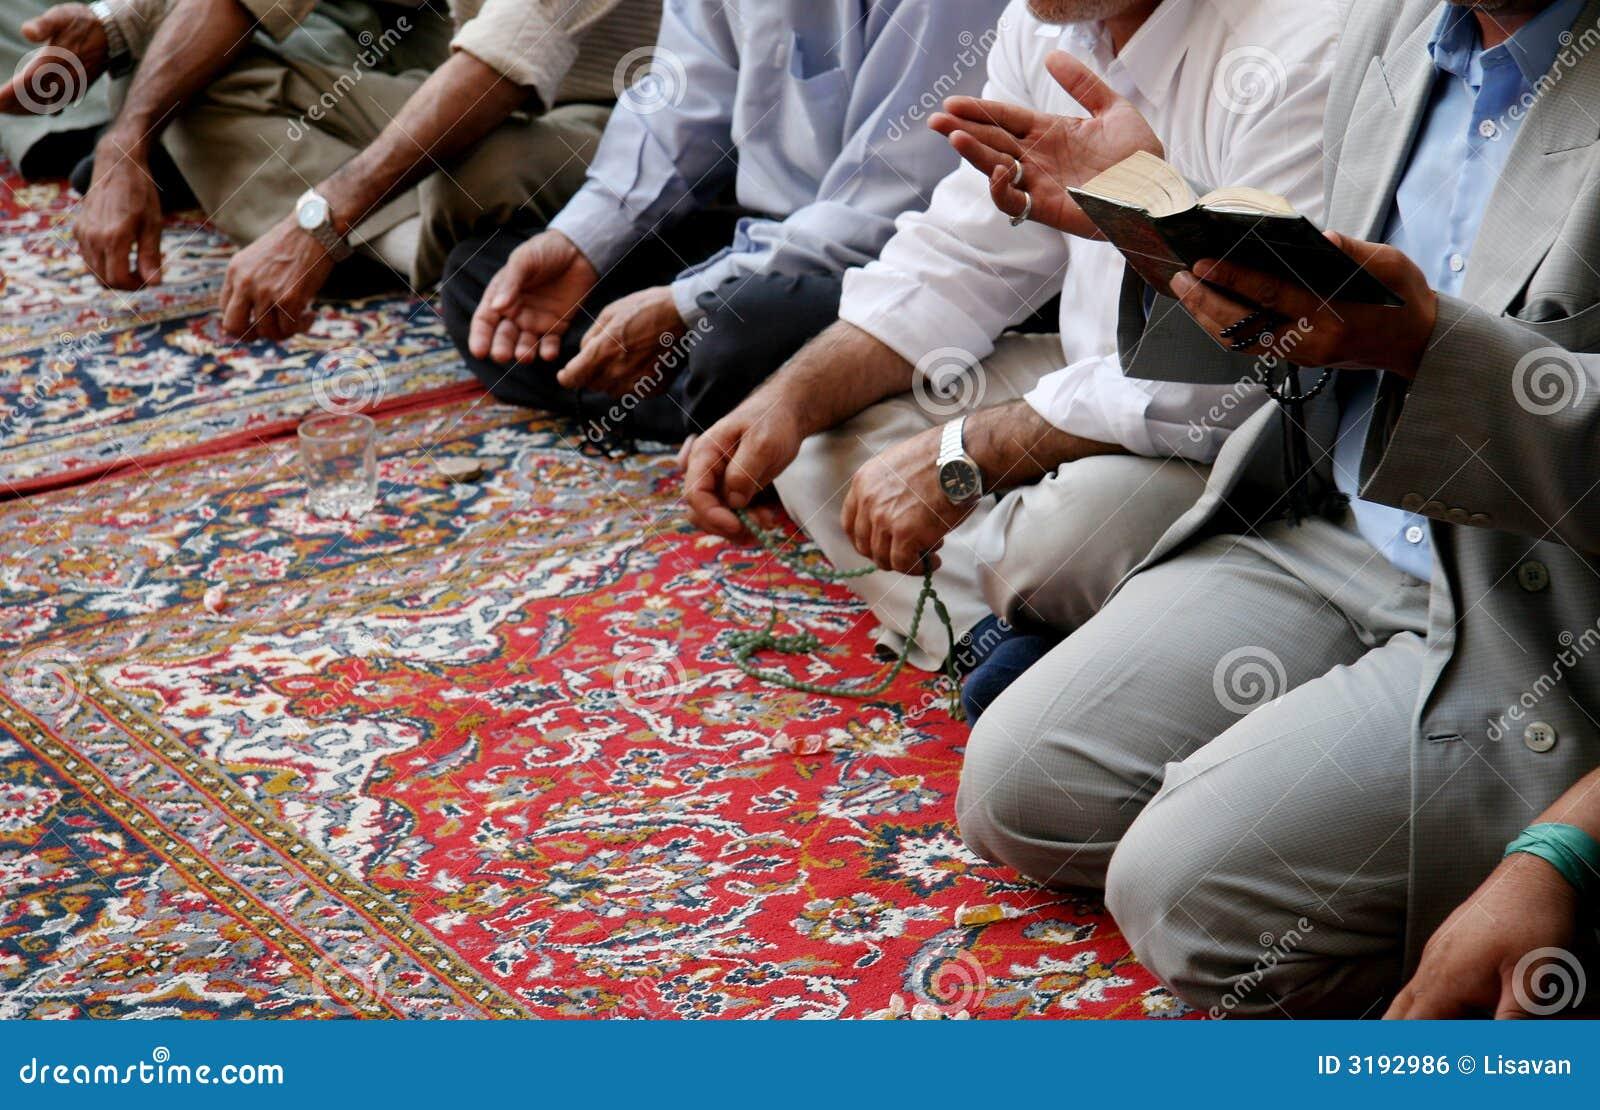 Lamentación de musulmanes en mezquita